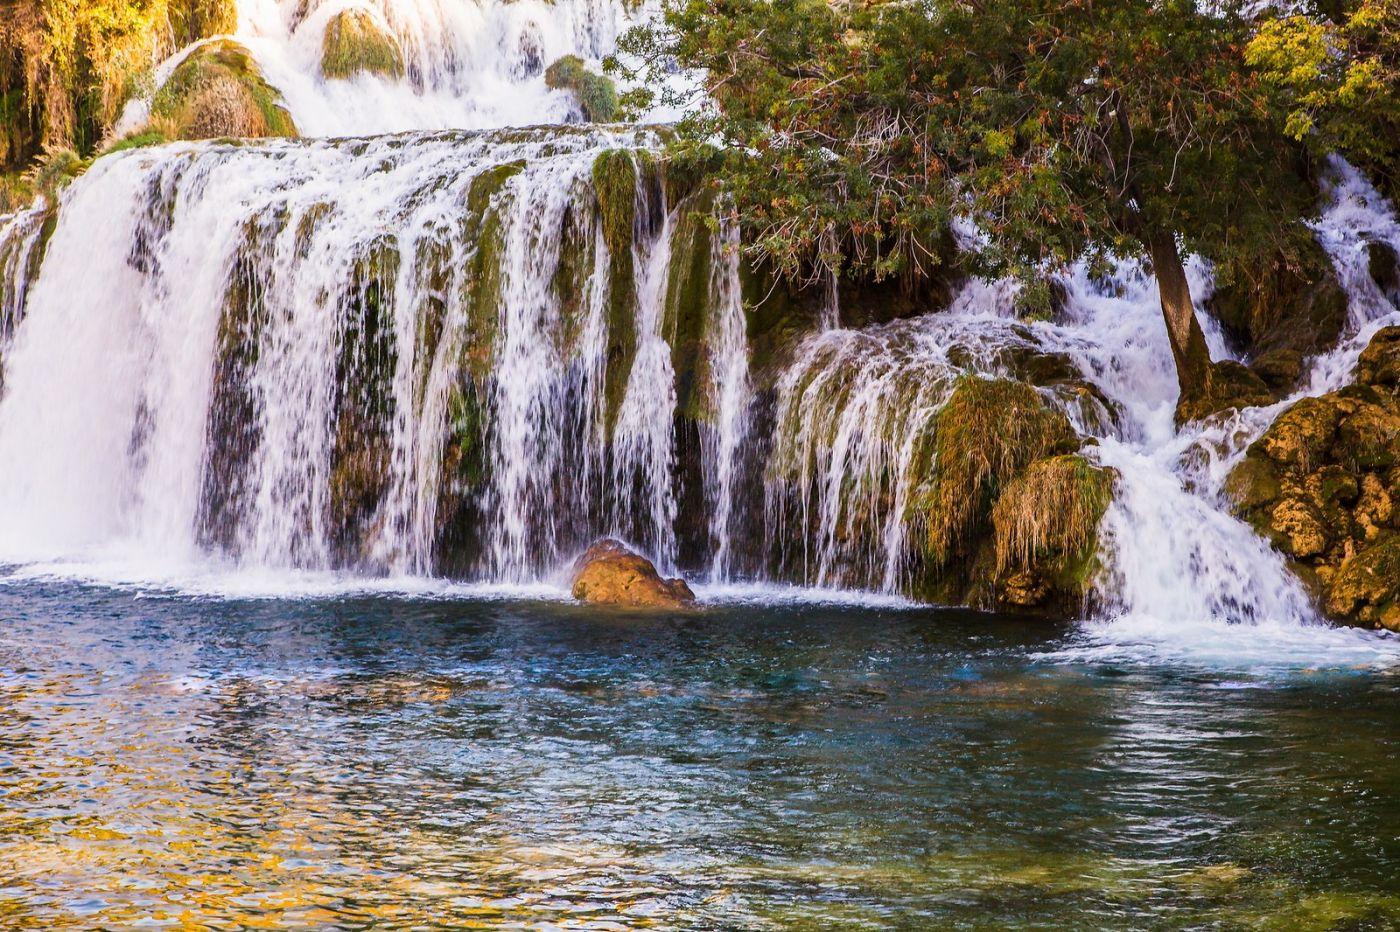 克罗地亚克尔卡国家公园(Krka National Park),瀑布瀑布瀑布_图1-15